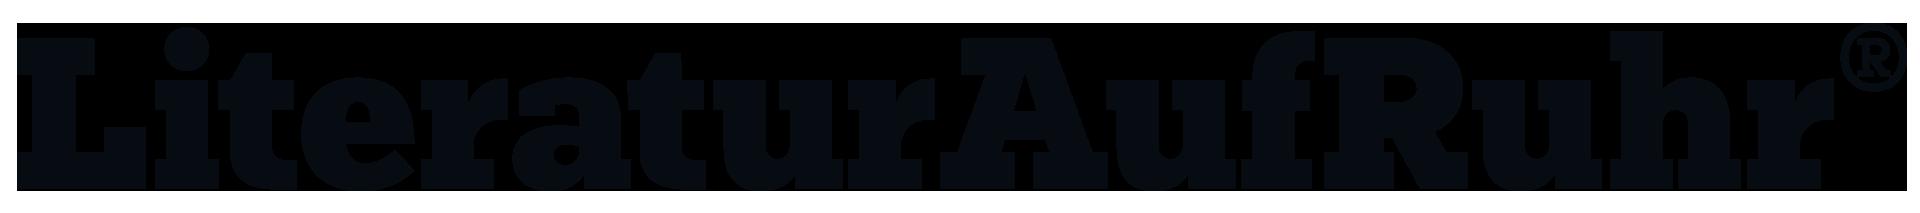 LiteraturAufRuhr® Logo